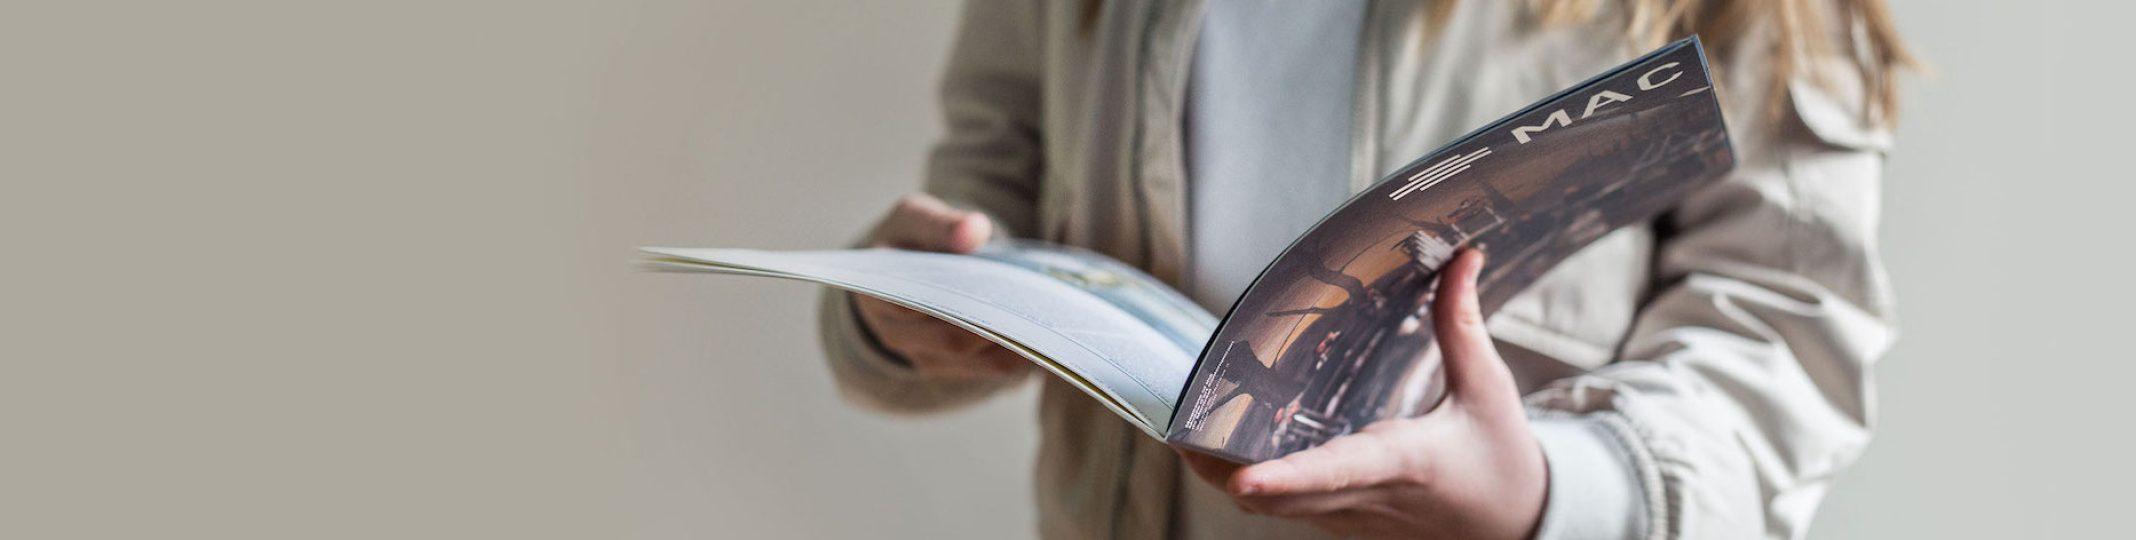 The MAC Magazine